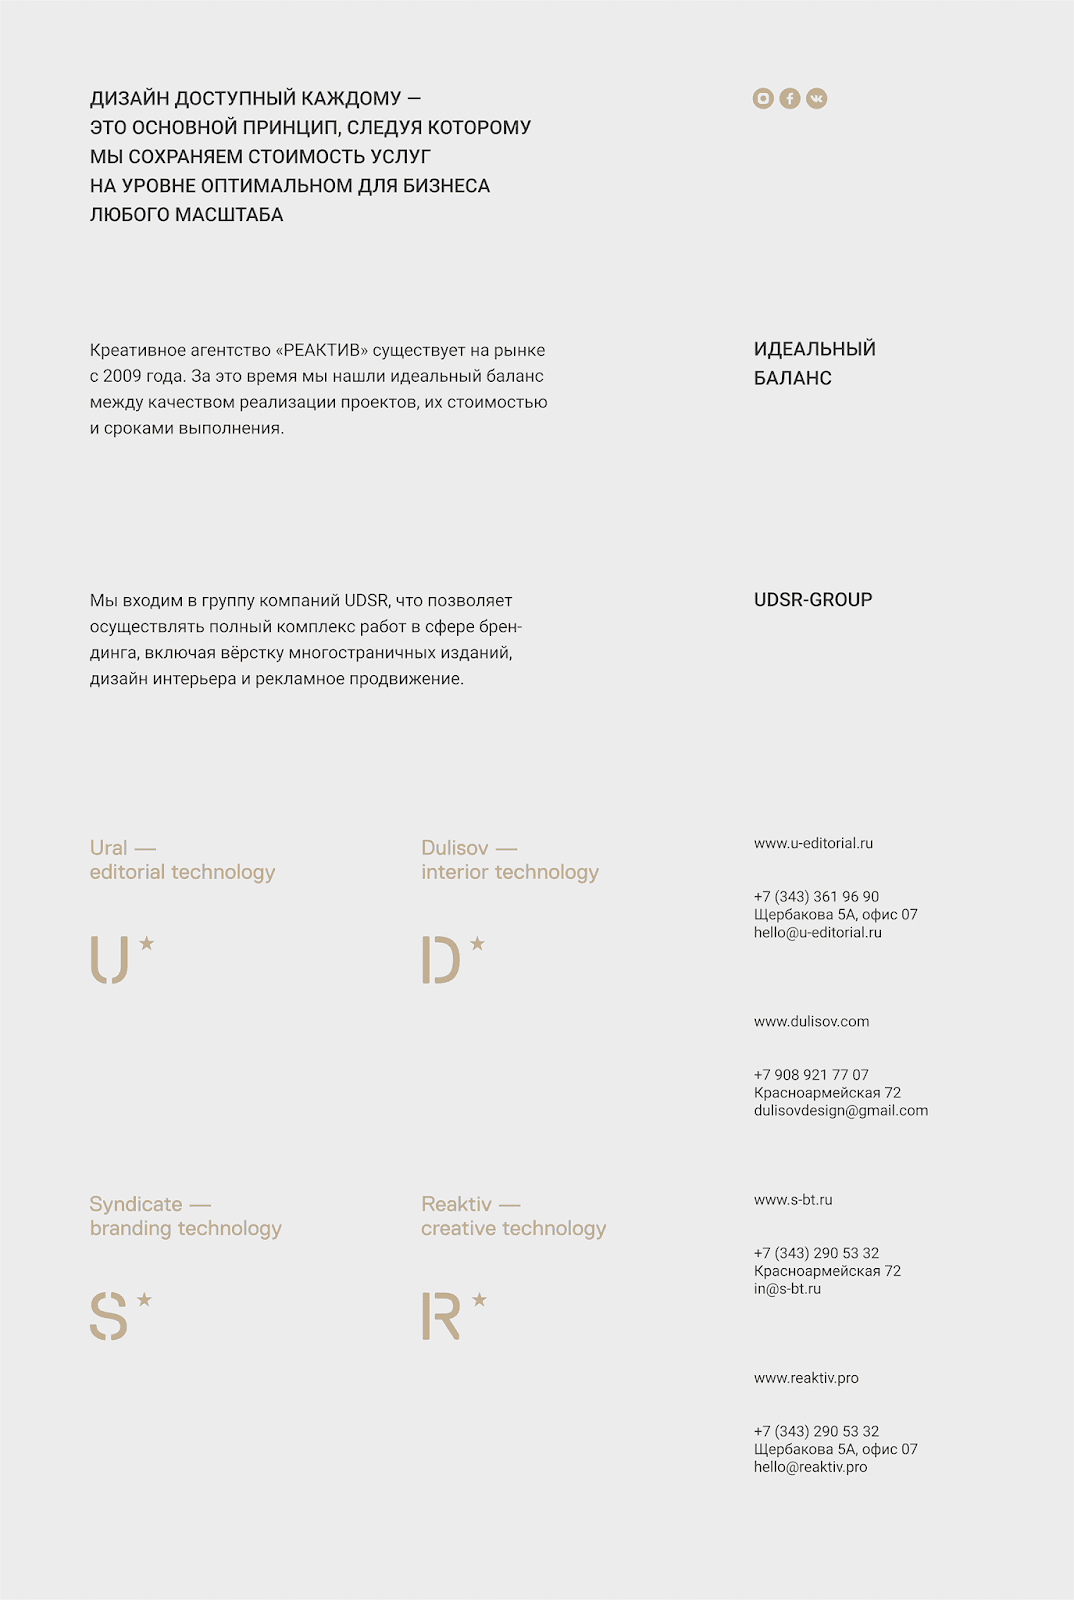 креативное агентство РЕАКТИВ / REAKTIV